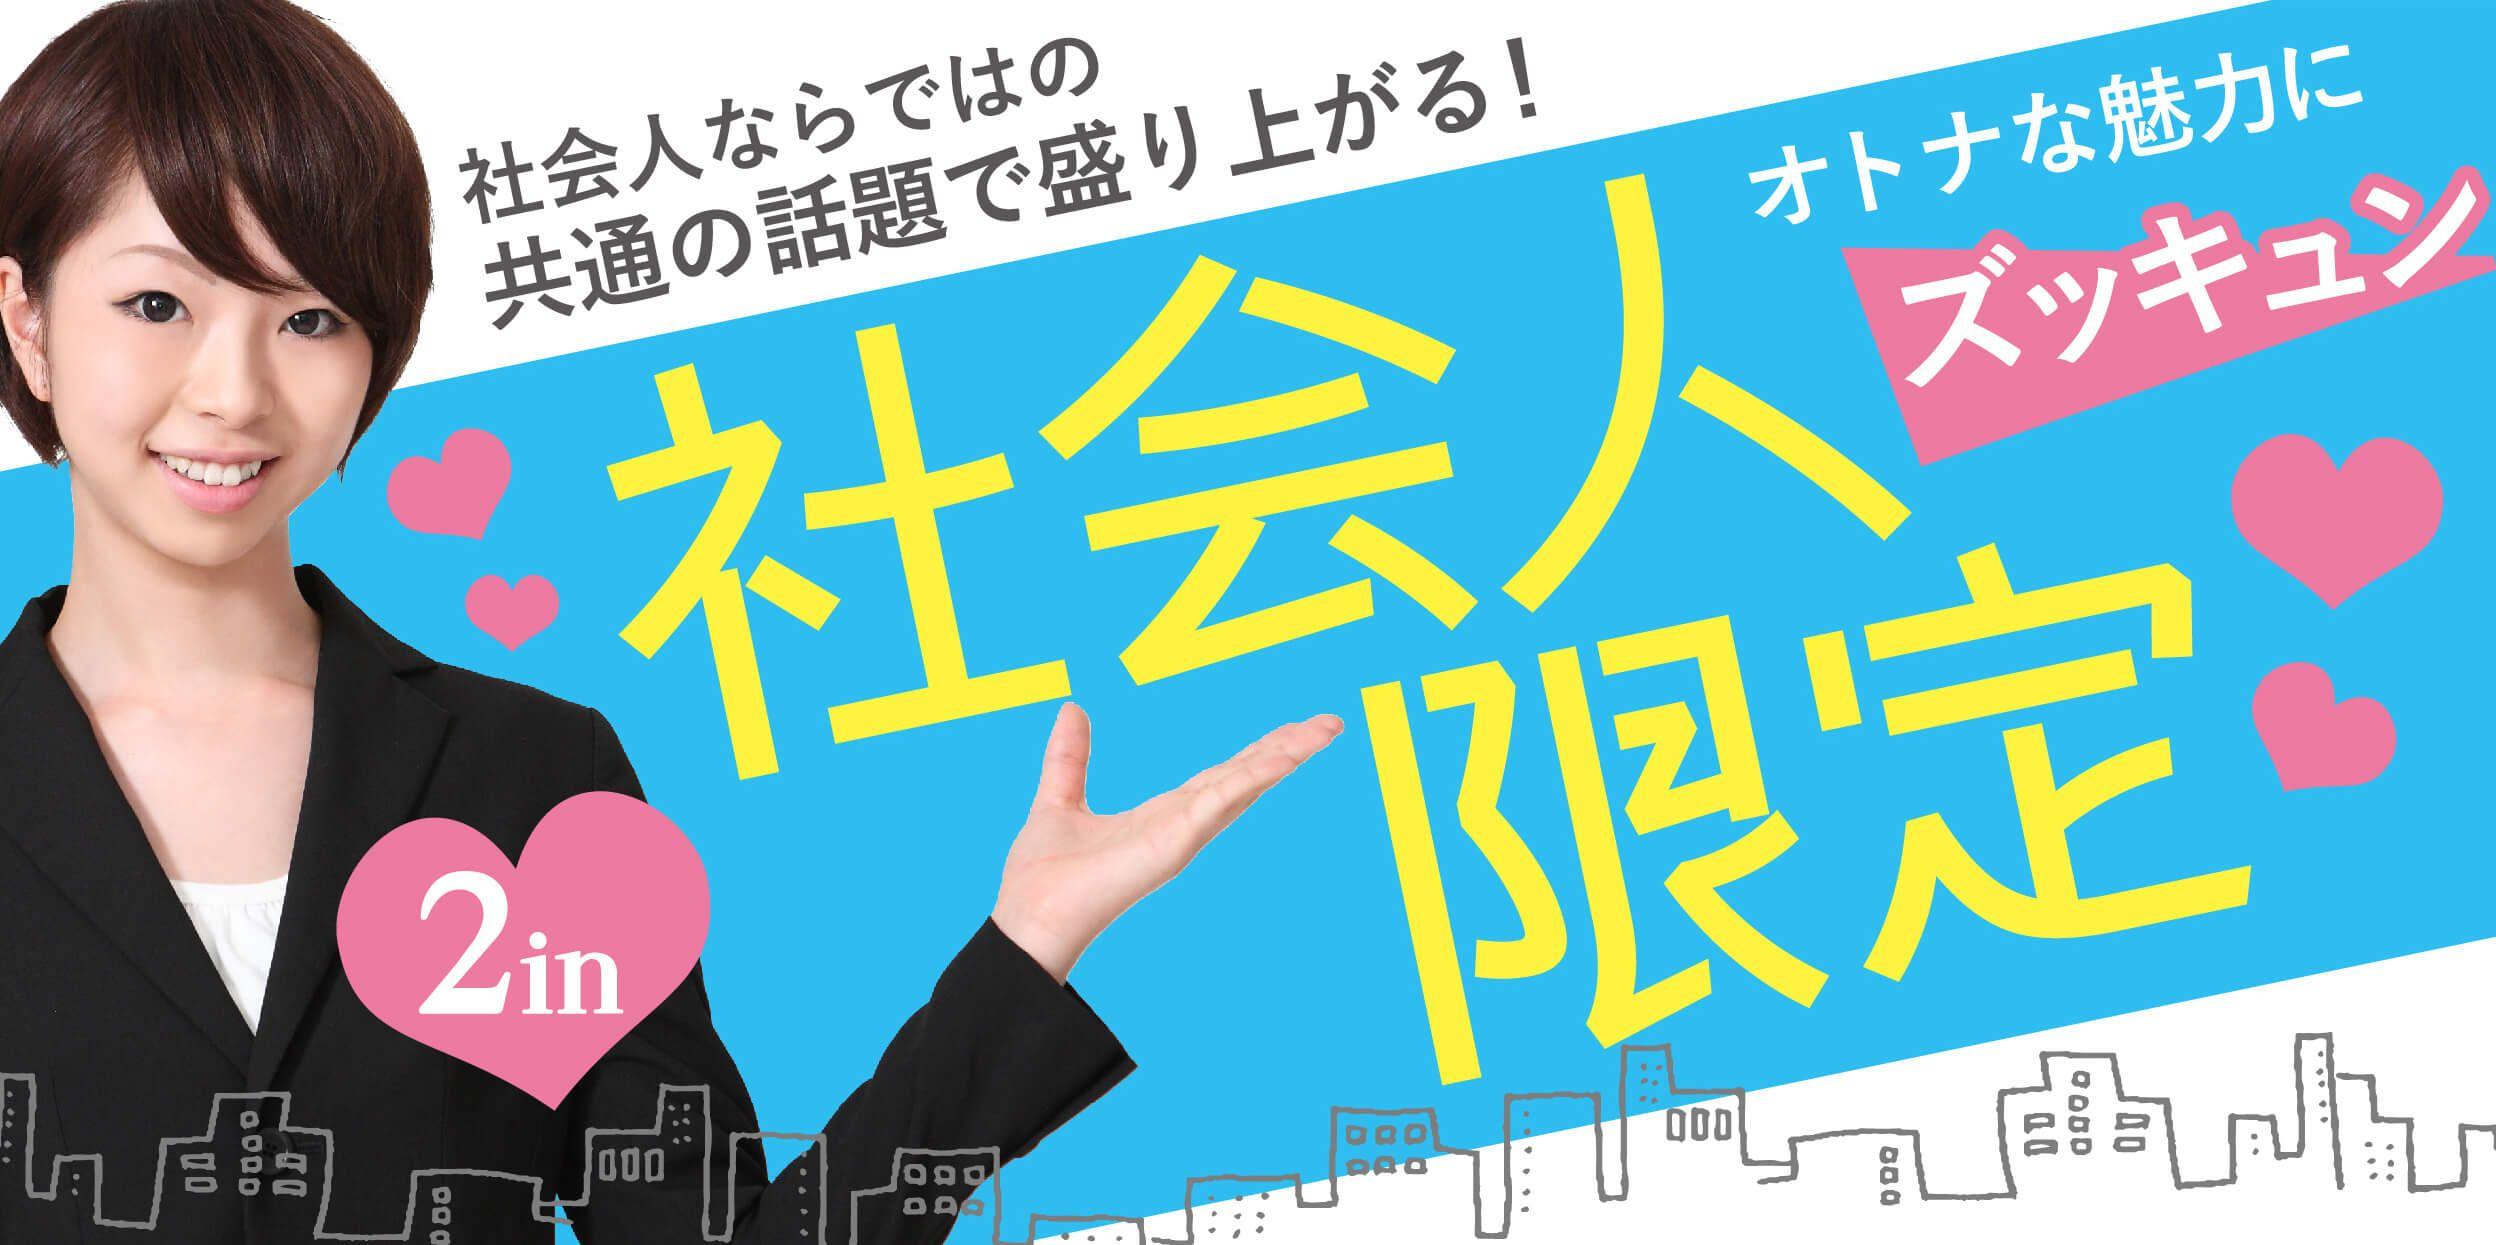 【初参加・一人参加大歓迎♪♪】2月27日(月)素敵な大人の社会人限定in岡山〜大人な出逢い★社会人同士だからこそできる話もたくさん〜